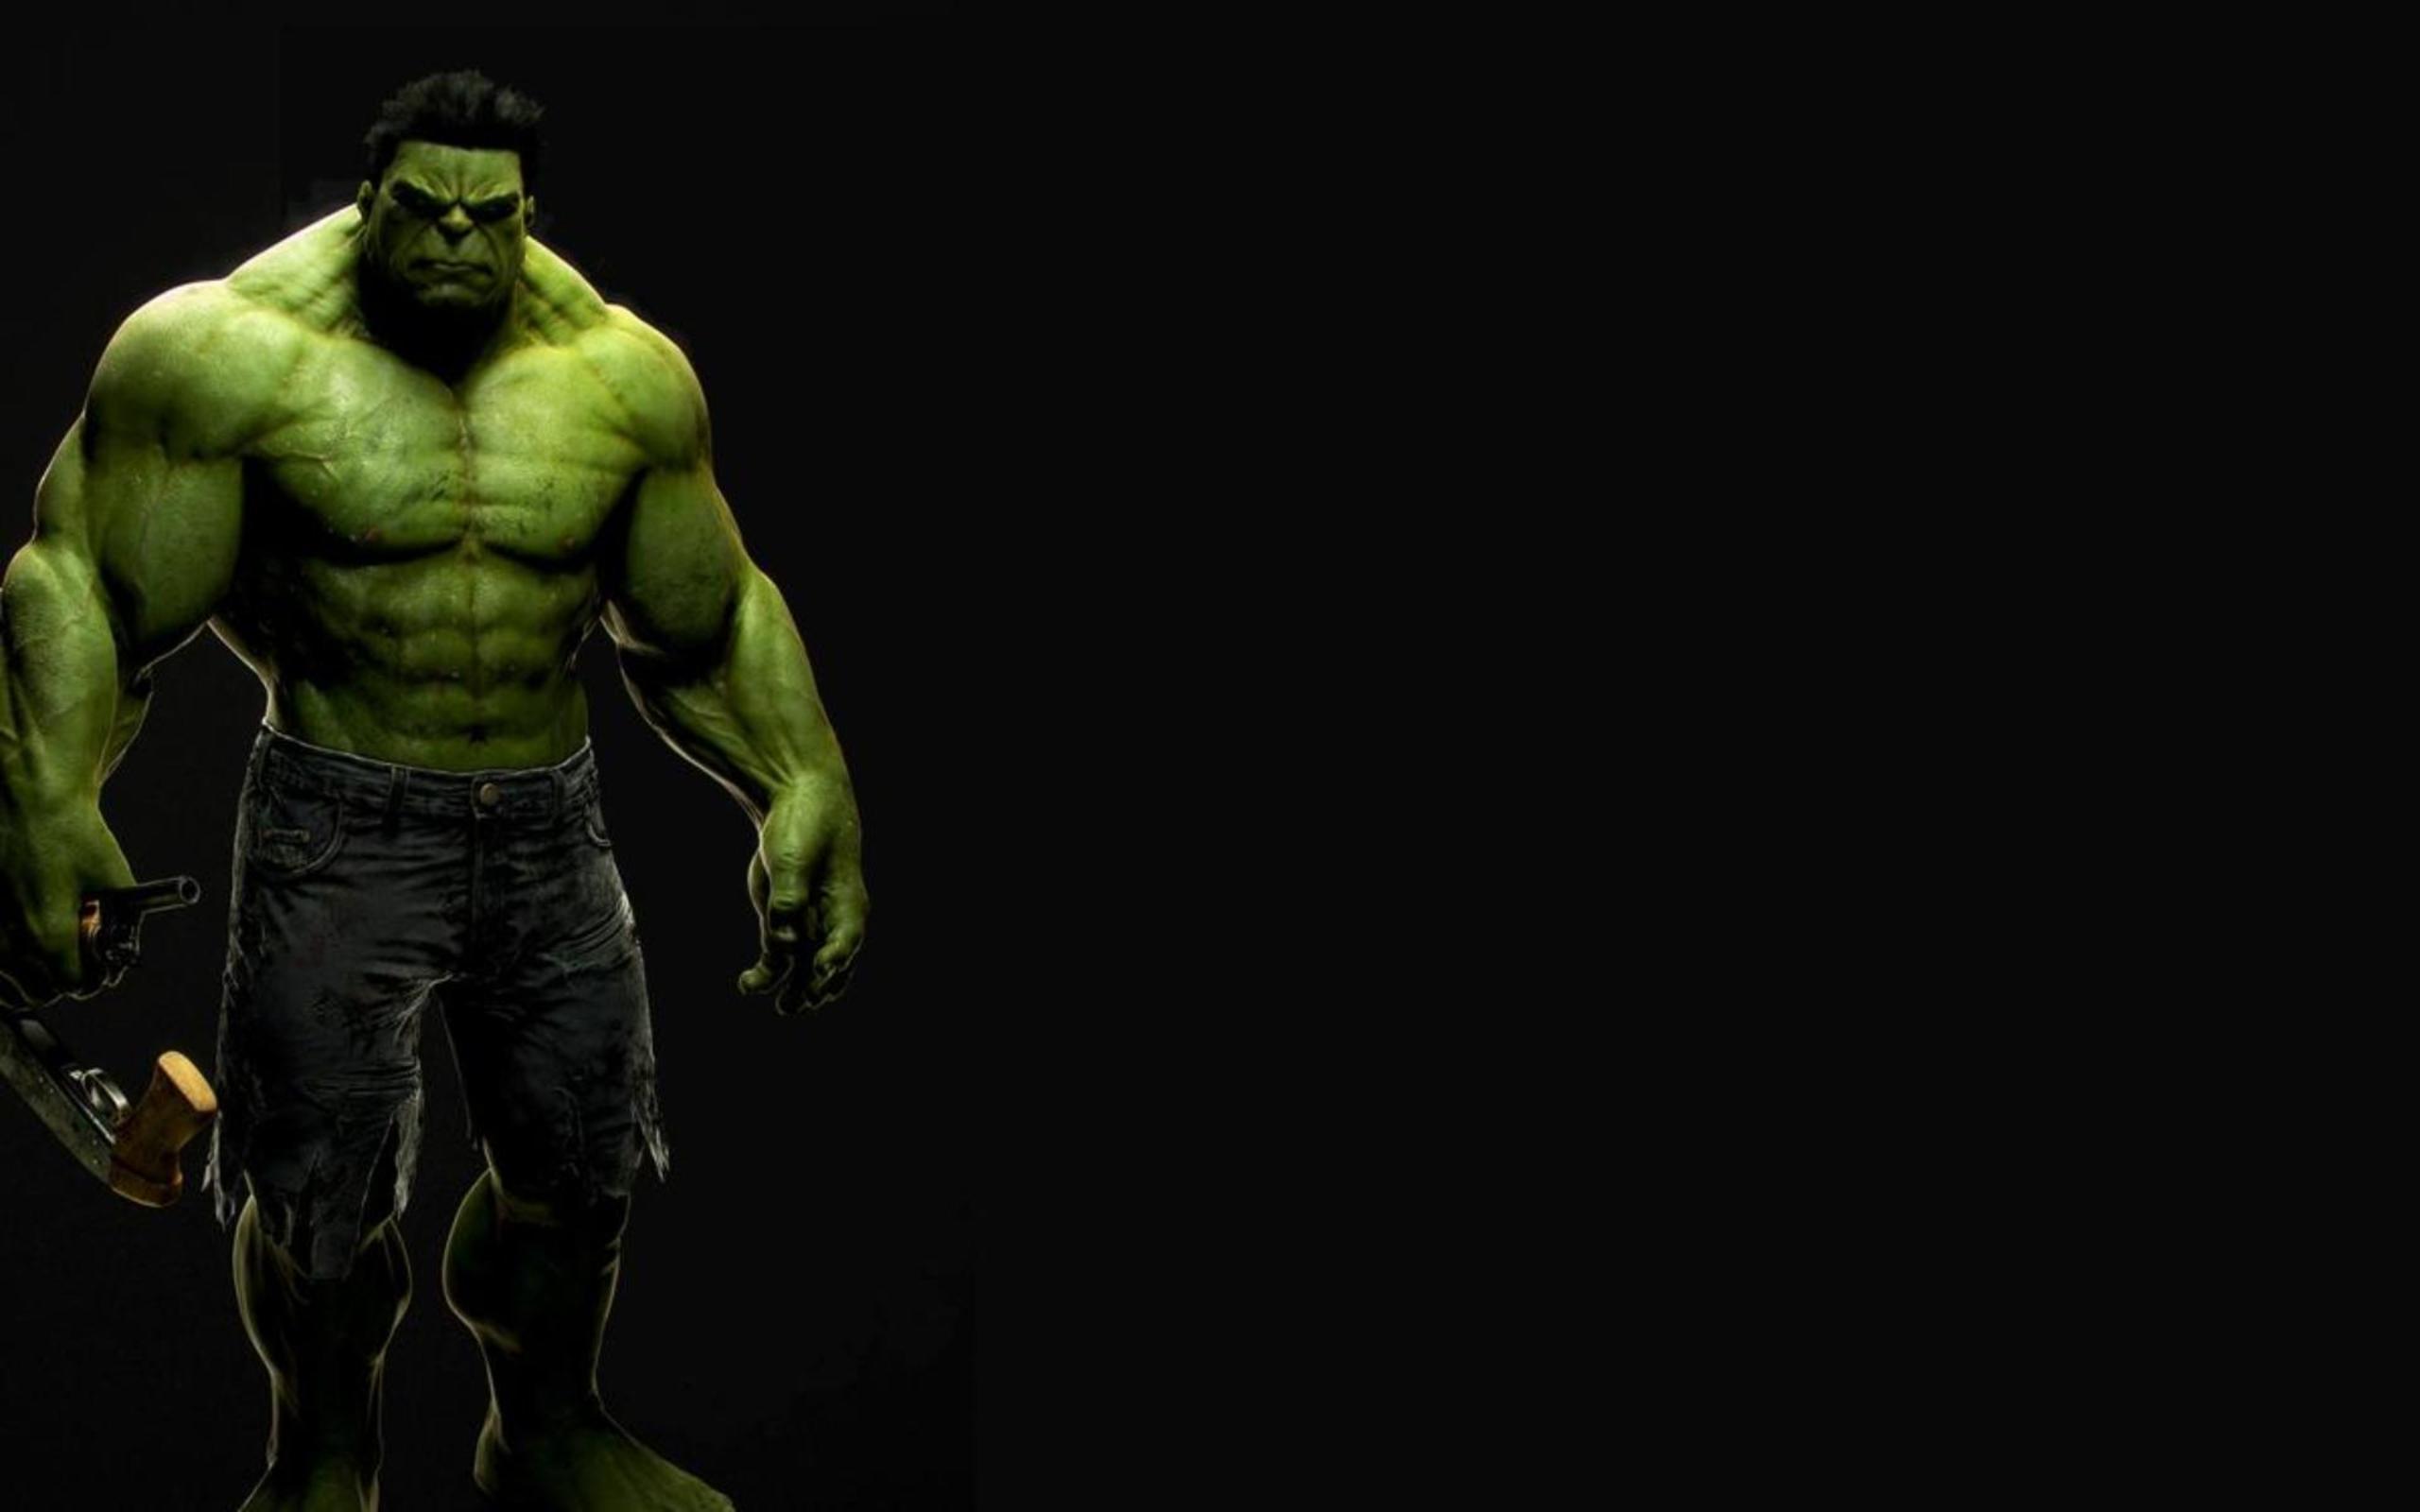 Hulk Wallpapers HD 2560x1600